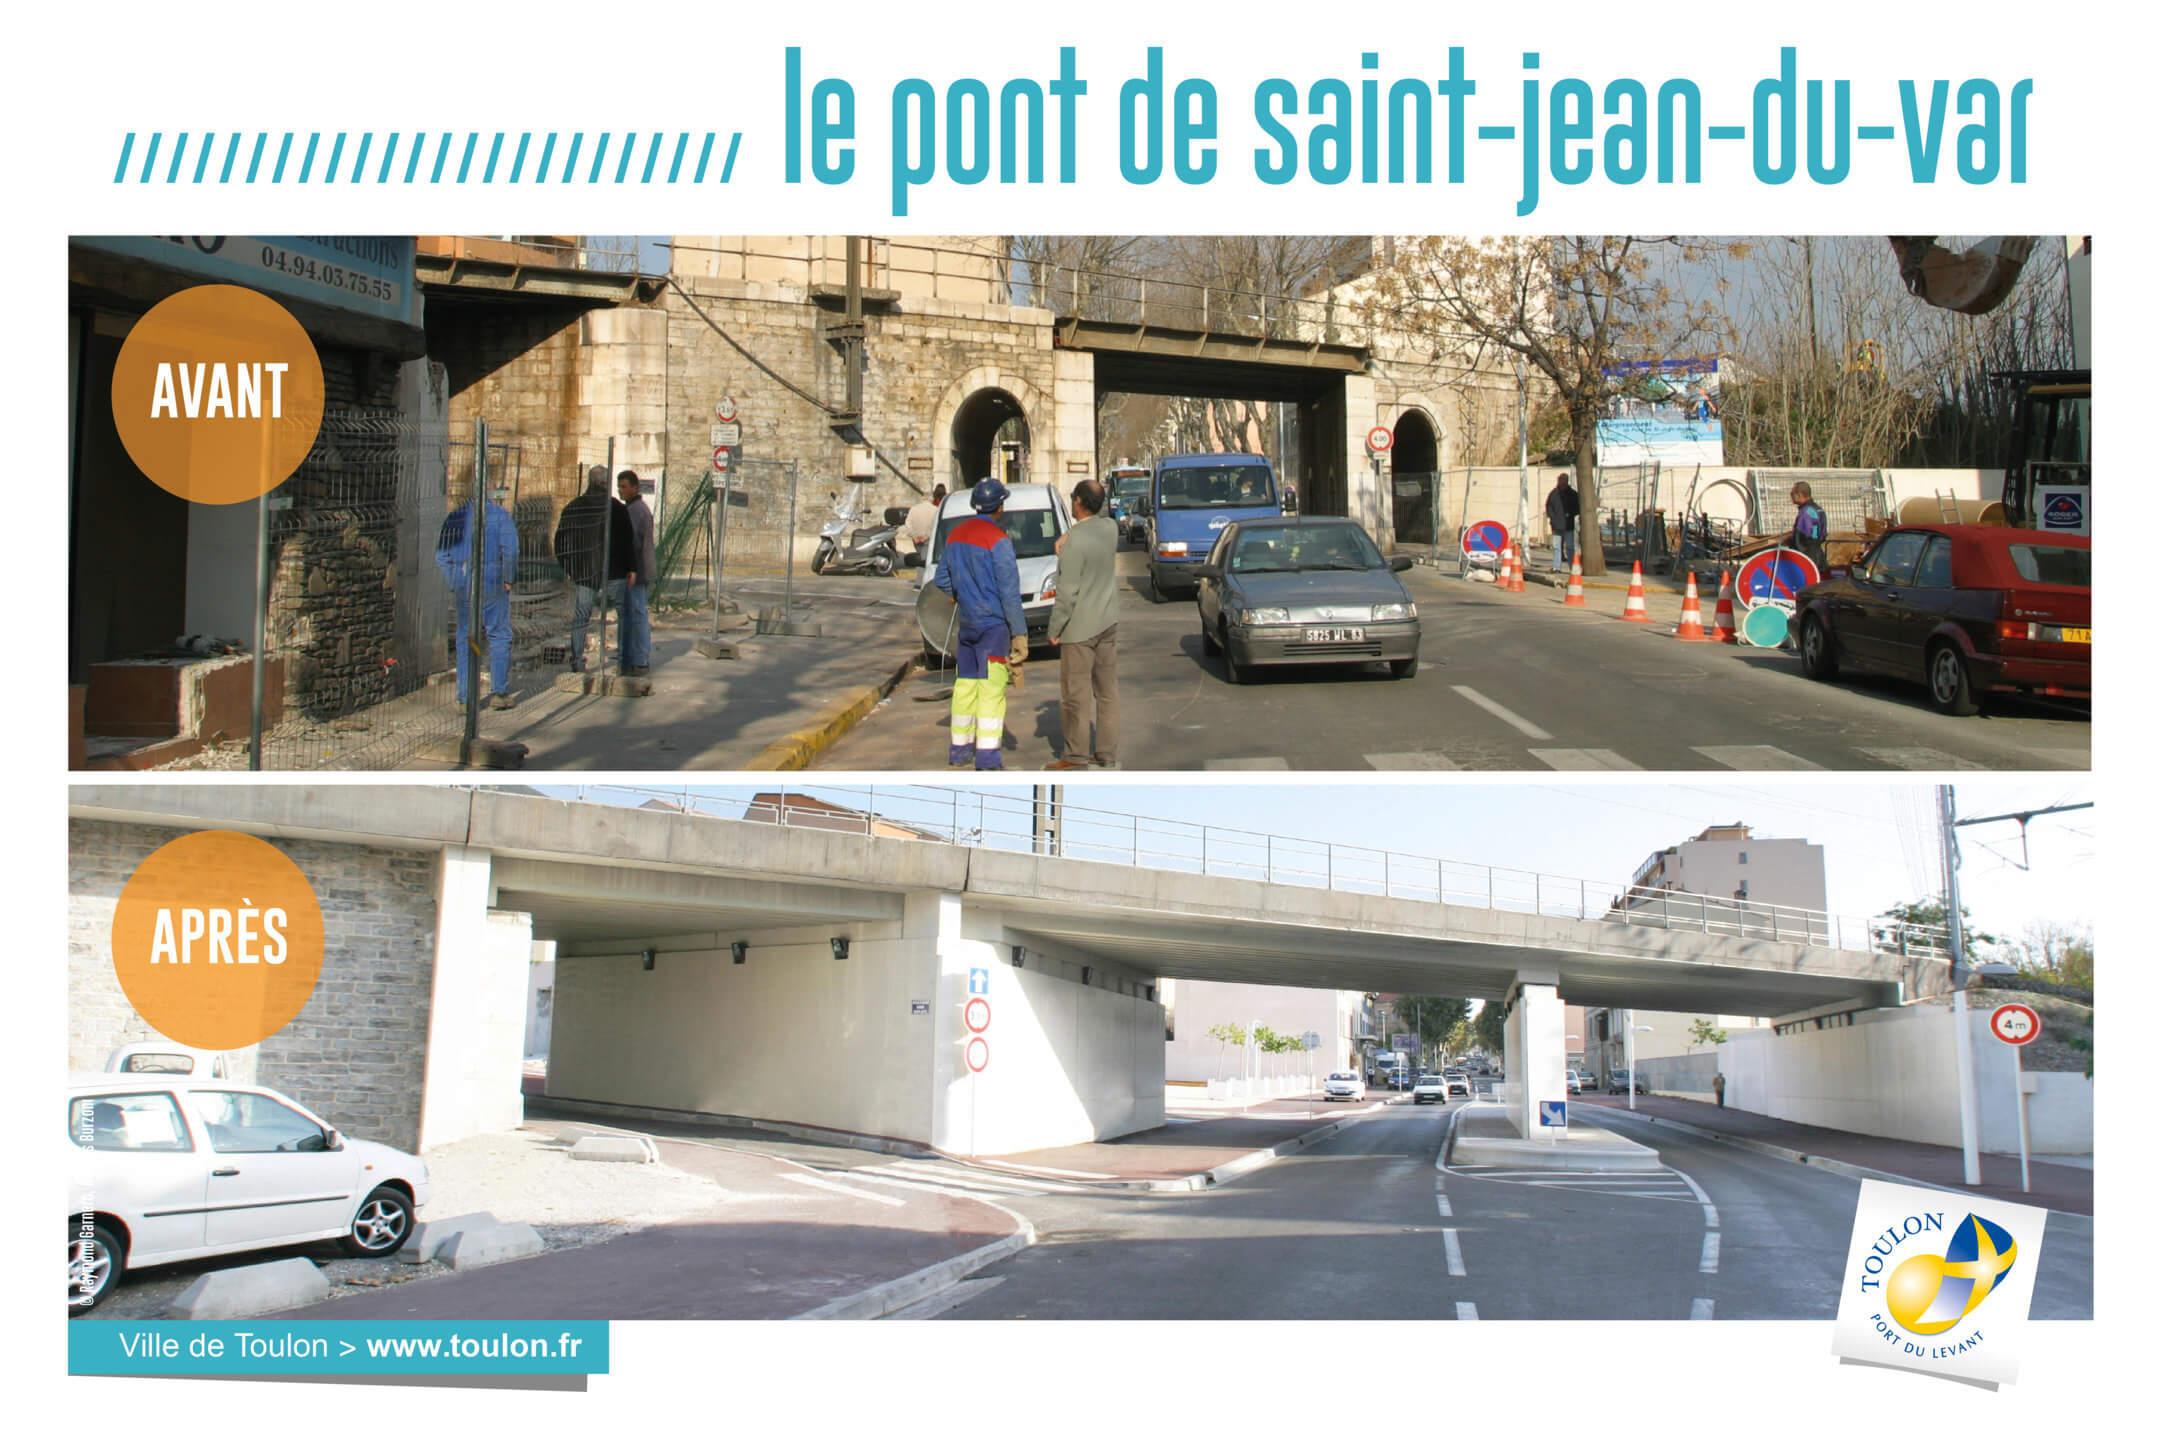 Le pont de saint-jean du var